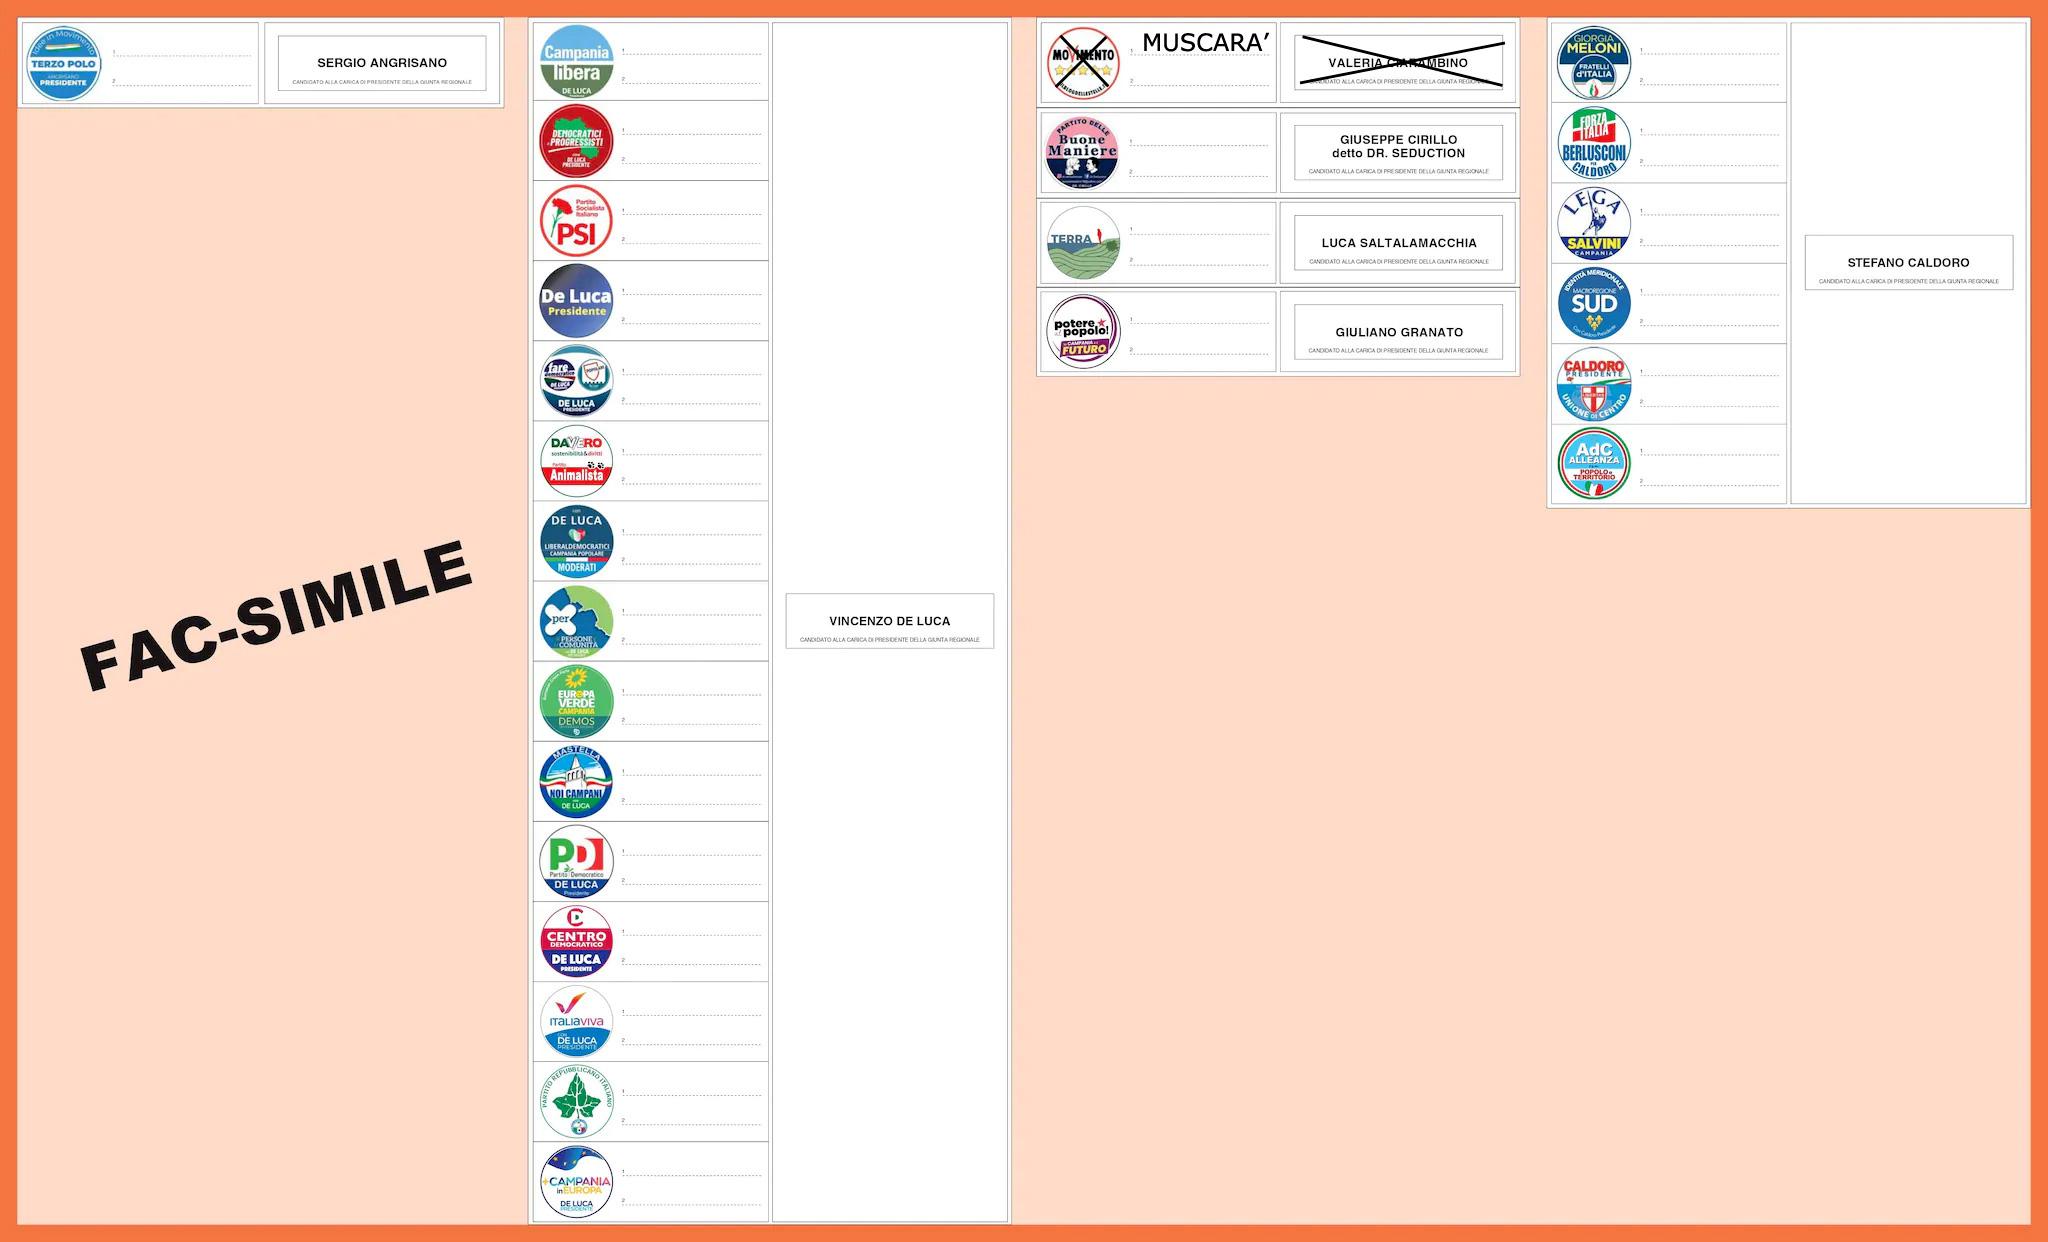 Fac-simile scheda elettorale Regiona Campania 2020